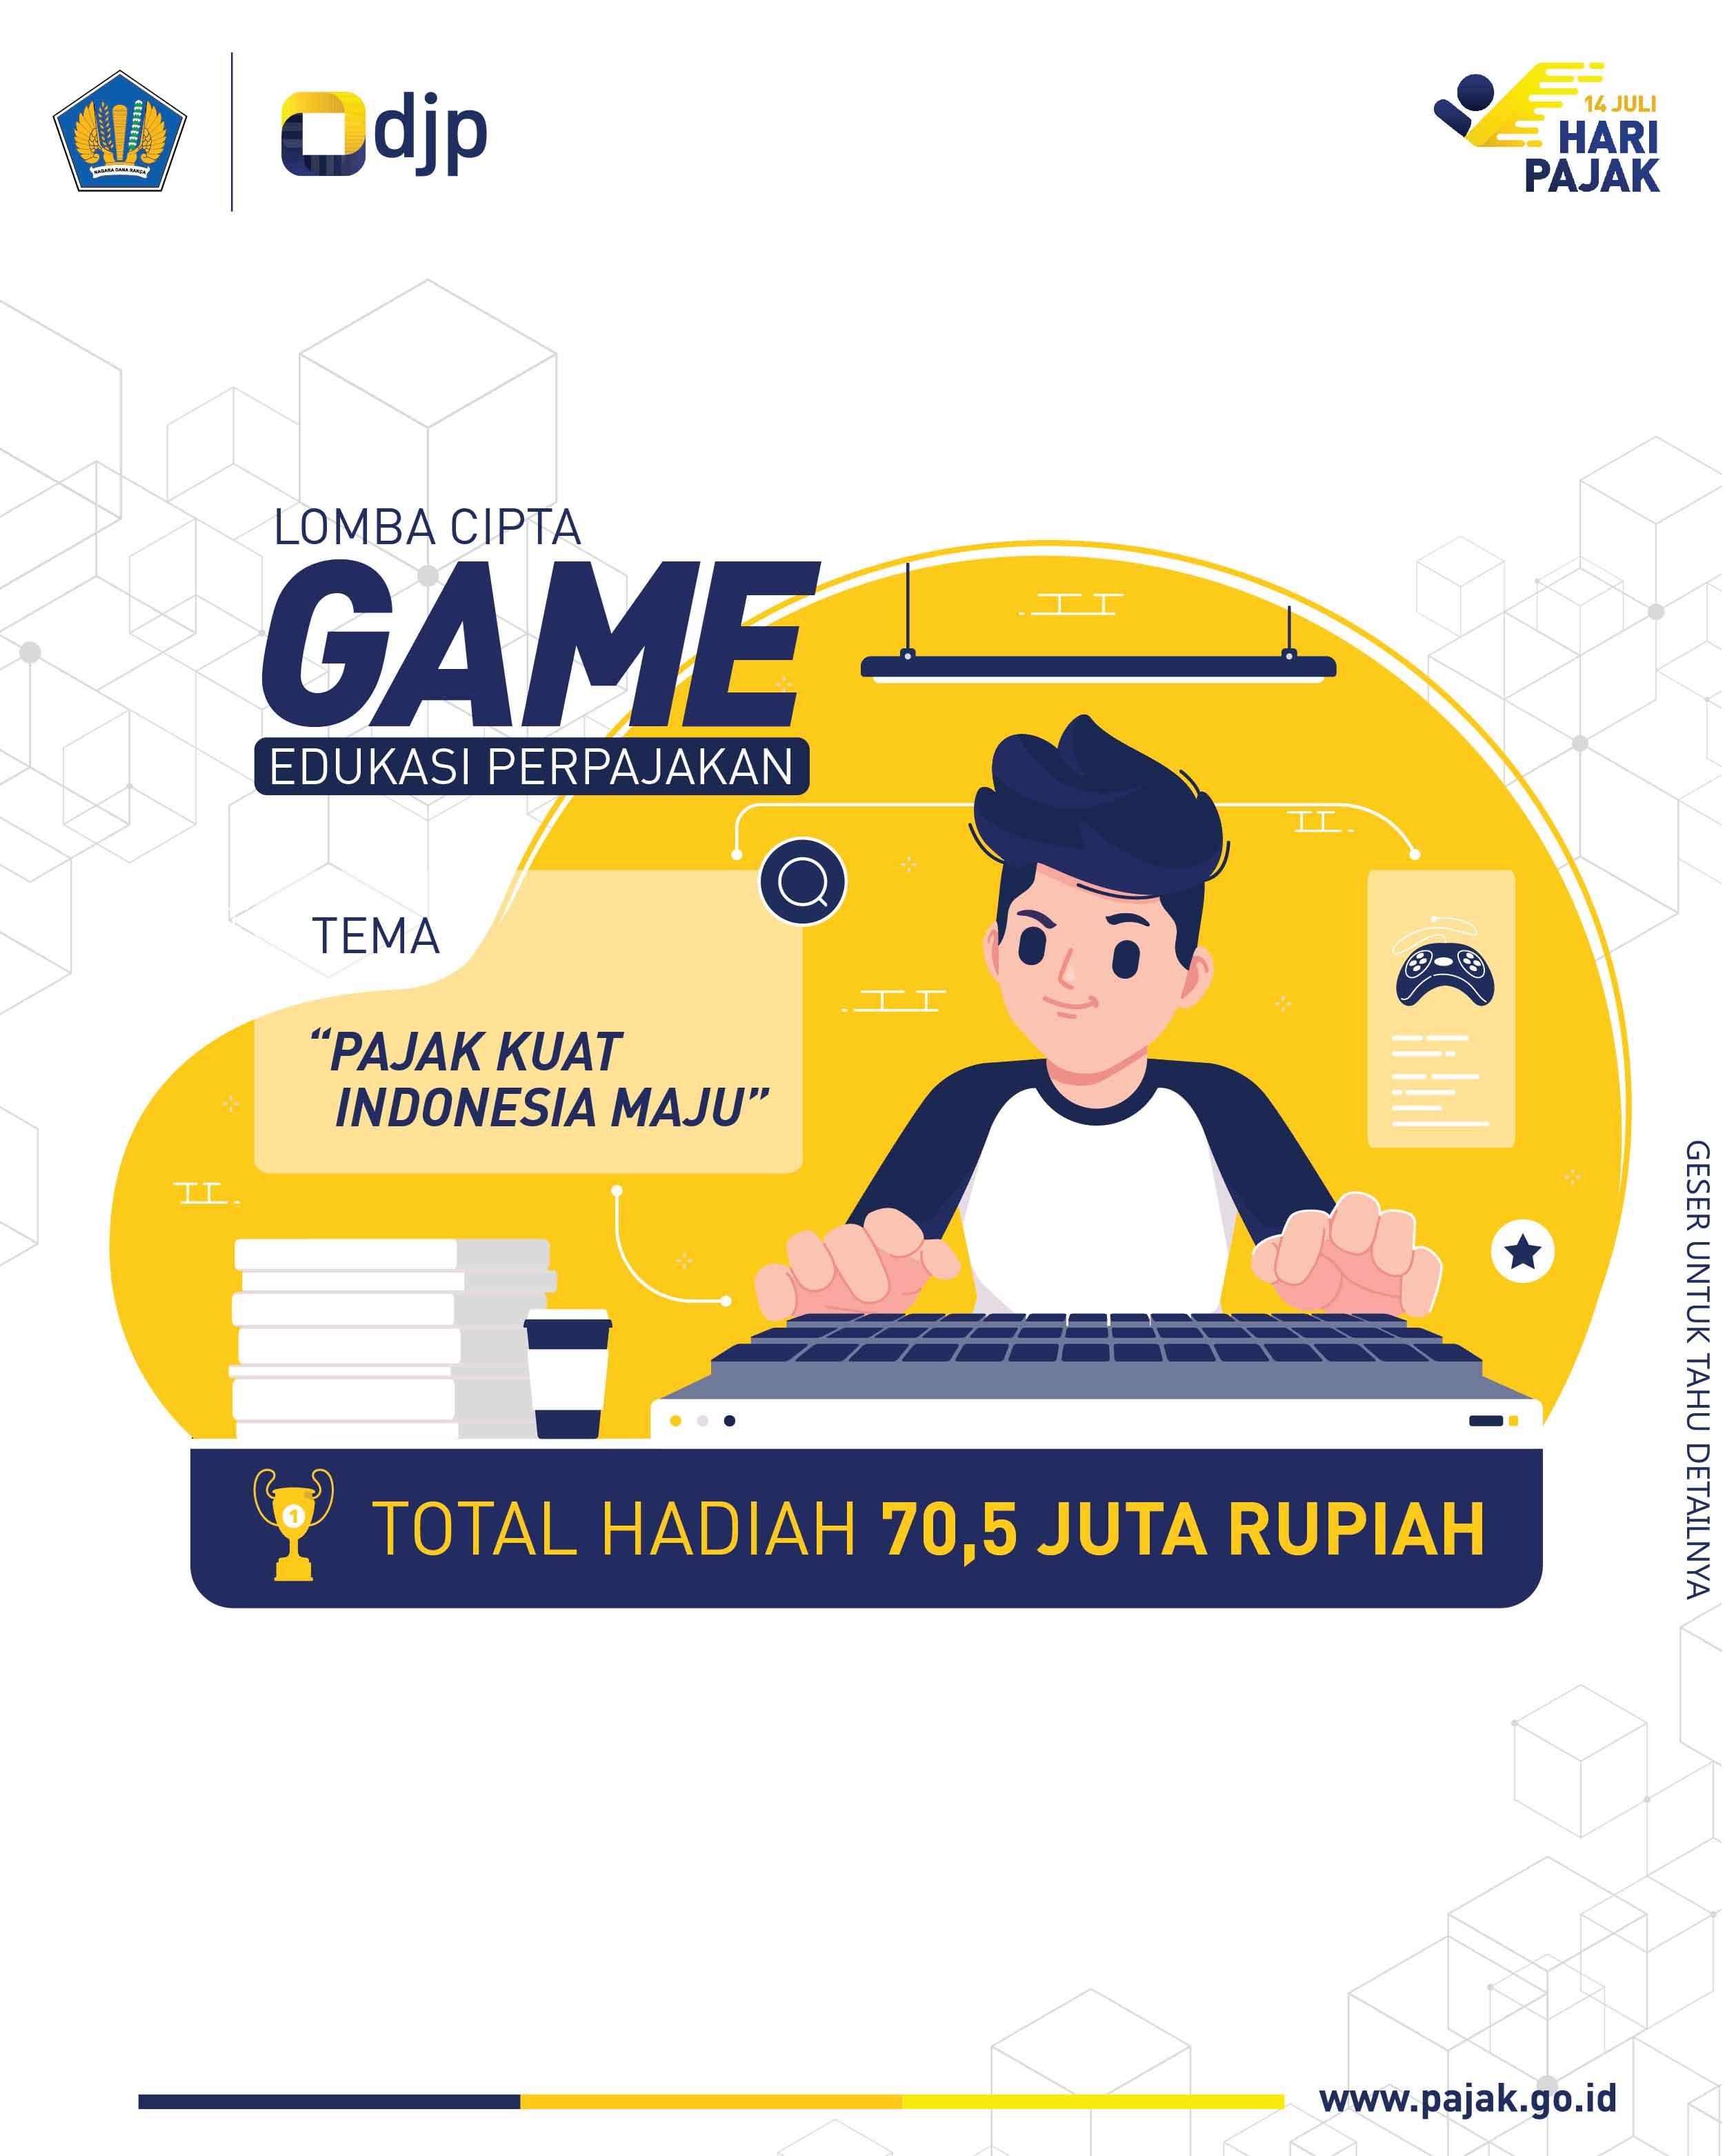 DJP Gelar Lomba Cipta Game Edukasi Perpajakan, Hadiahnya Rp70,5 Juta